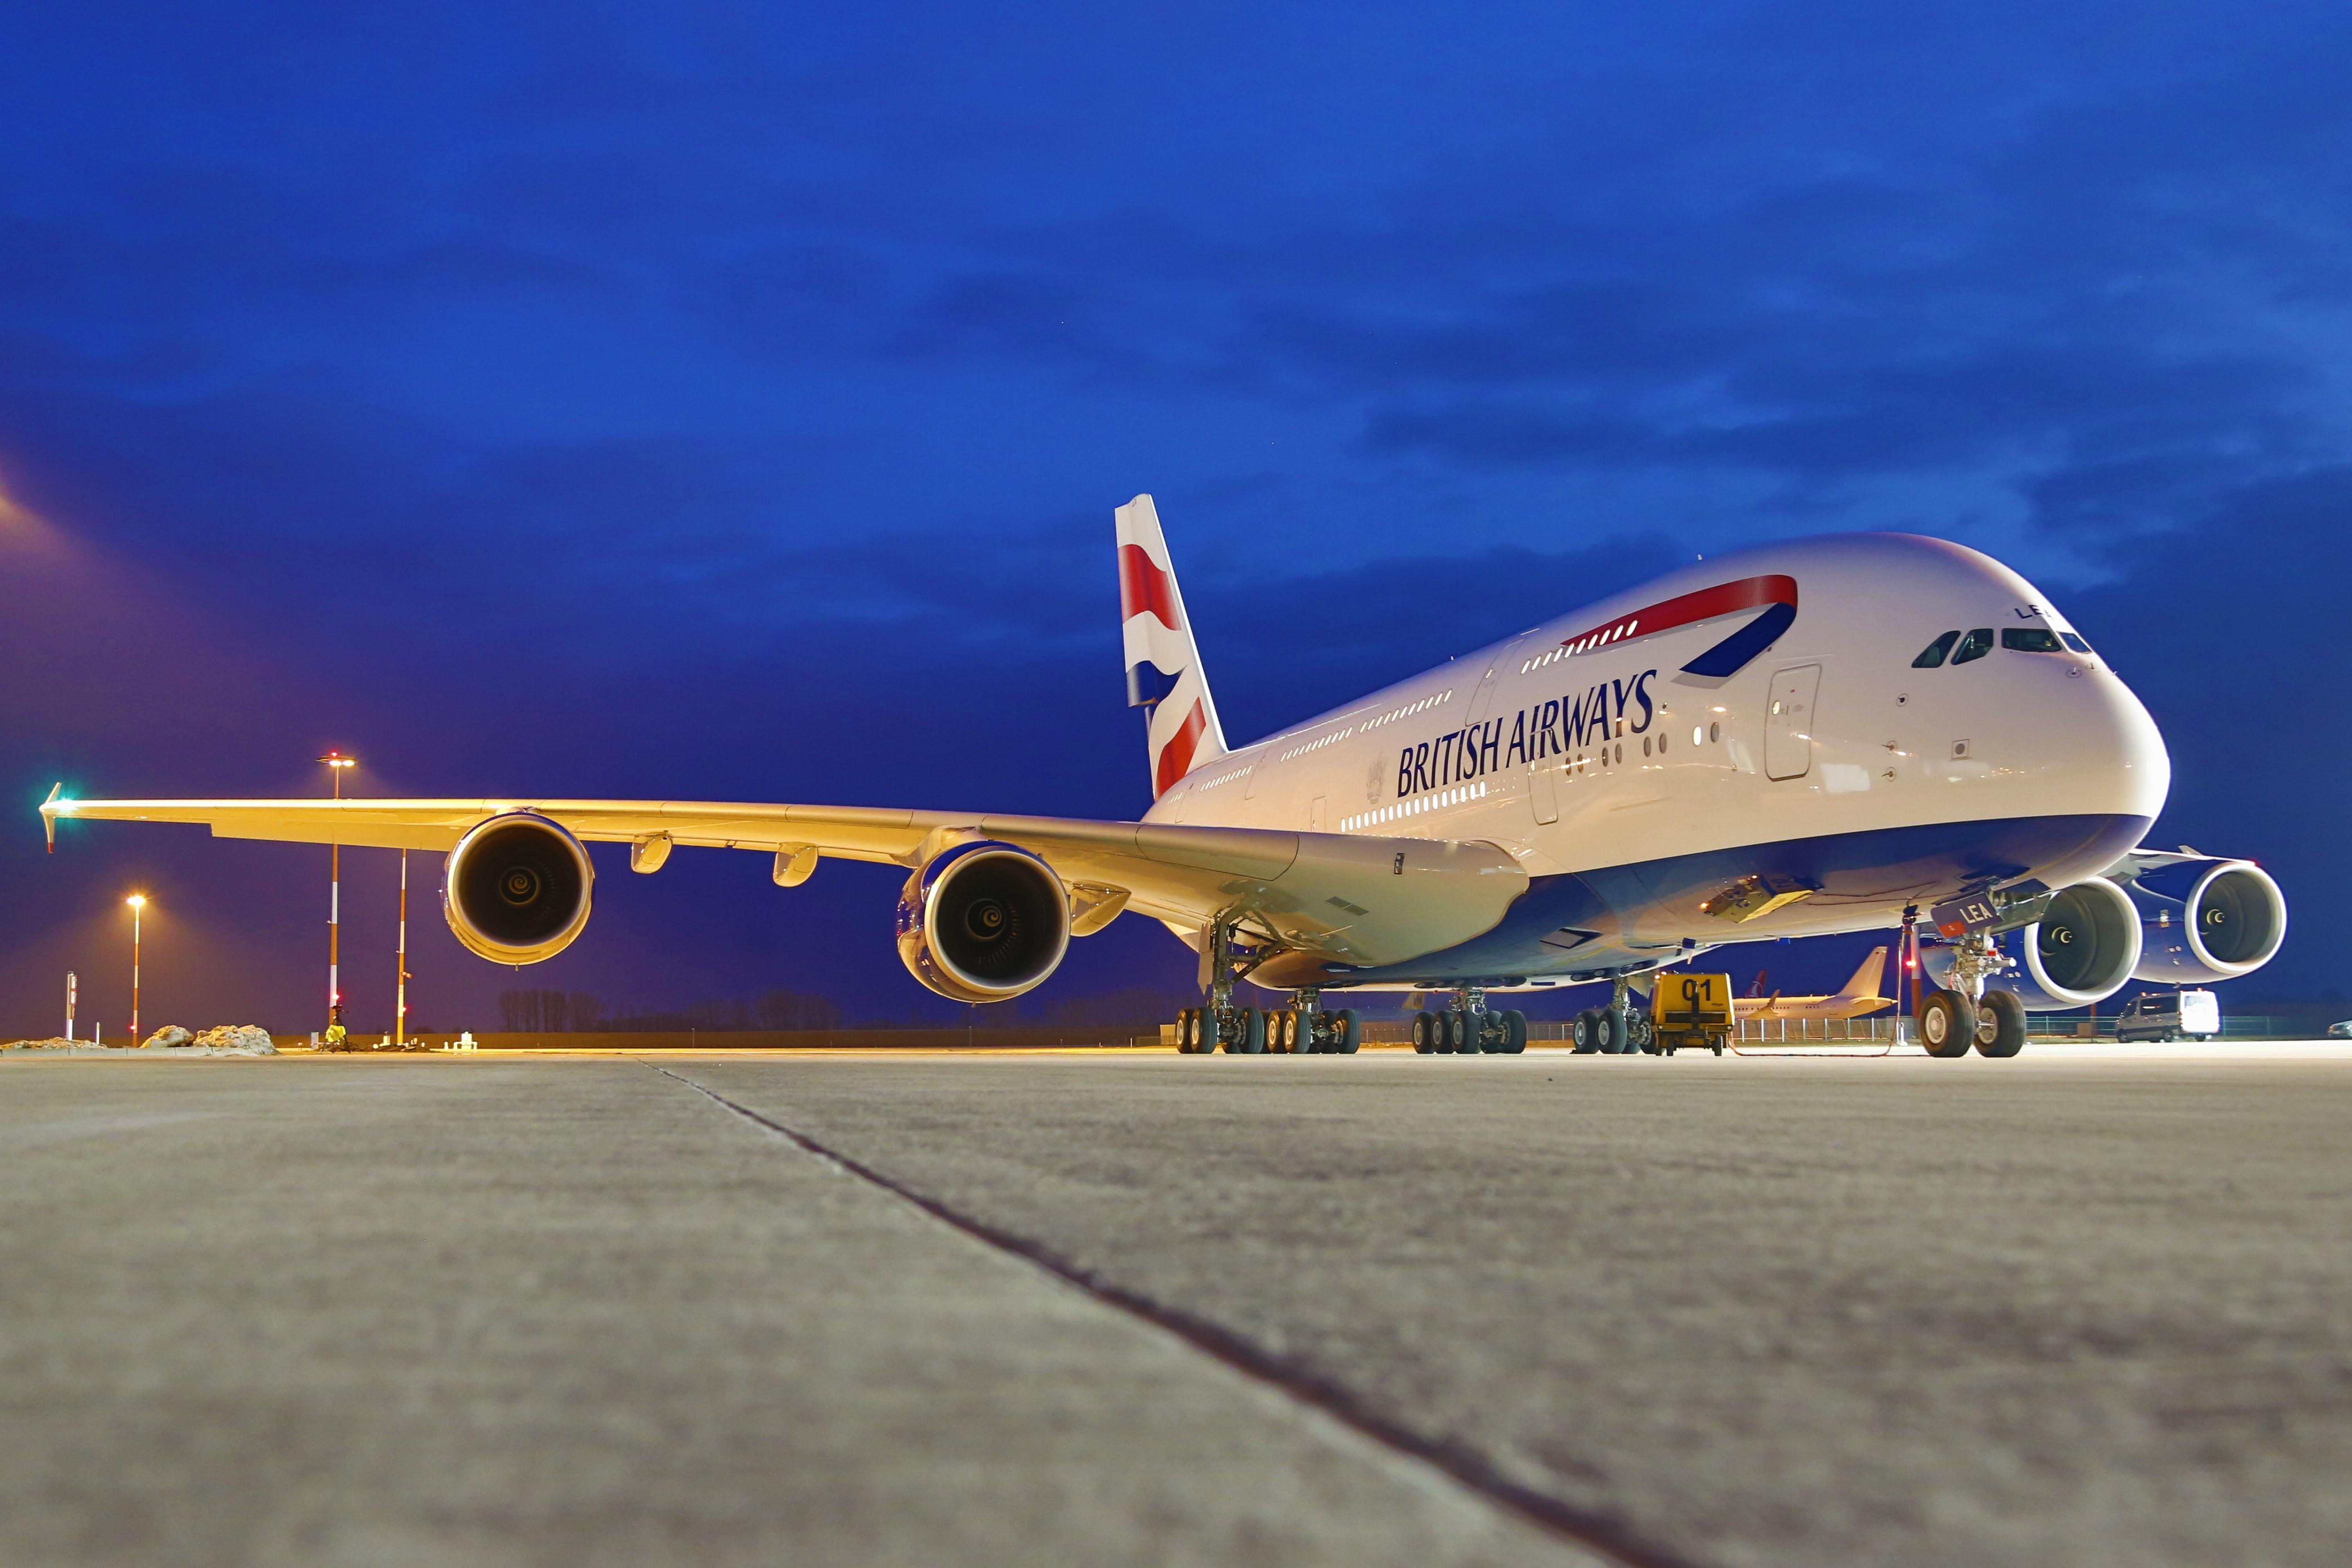 Страшная катастрофа в Великобритании: беспилотник врезался в самолет со 132 пассажирами на борту